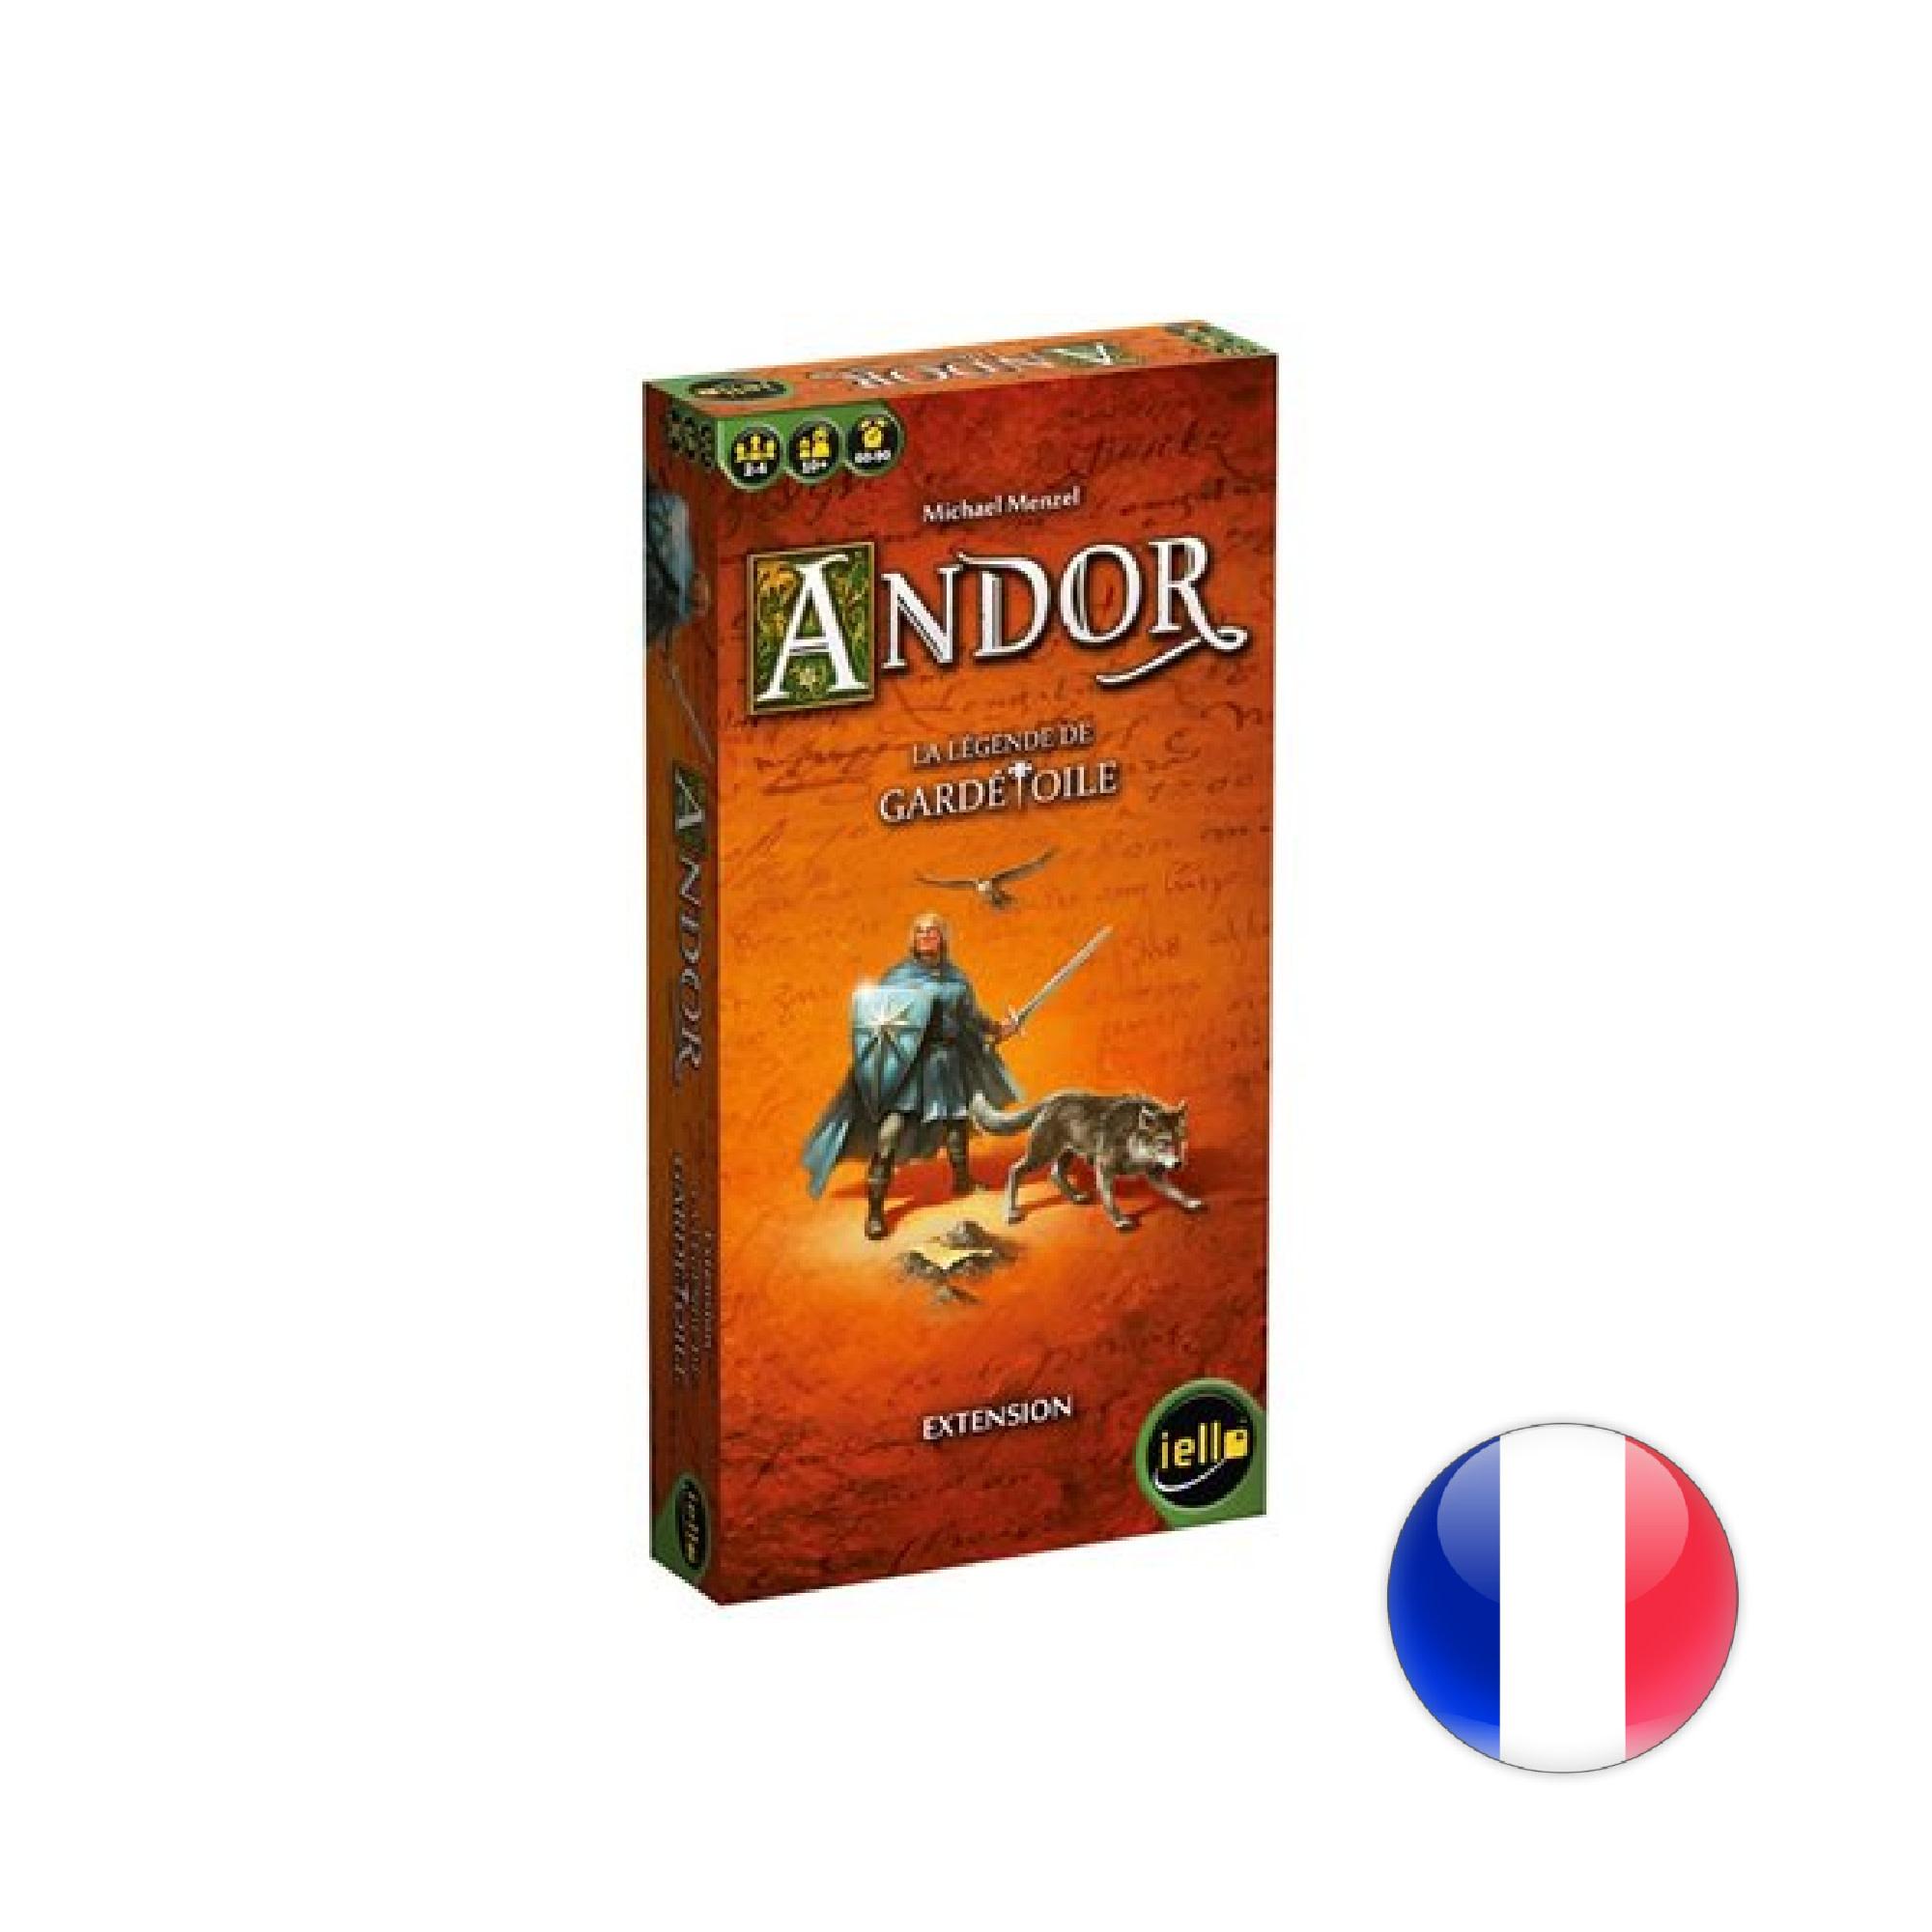 IELLO Andor - La légende de gardétoile